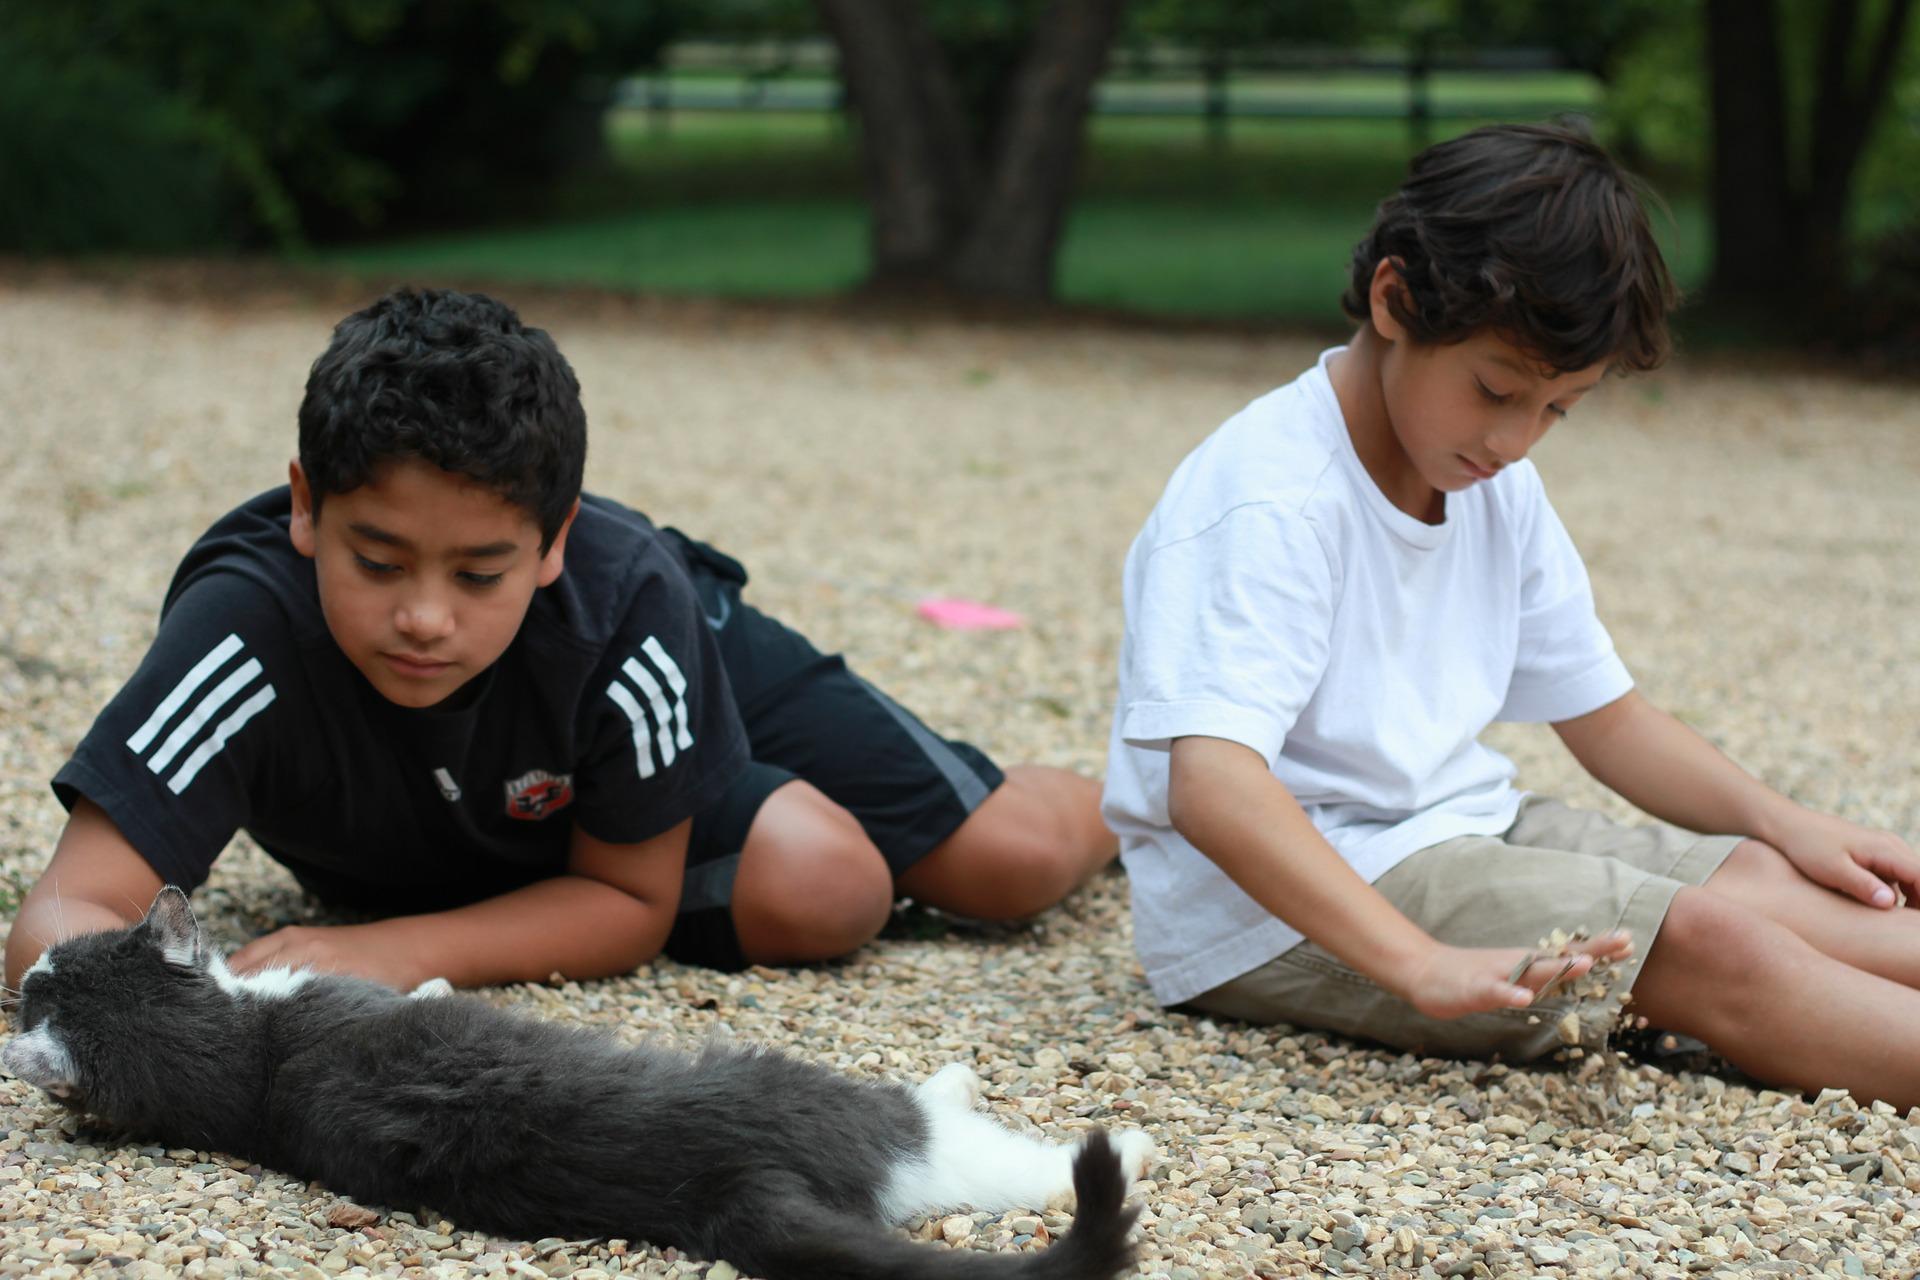 dos niños jugando con un gato